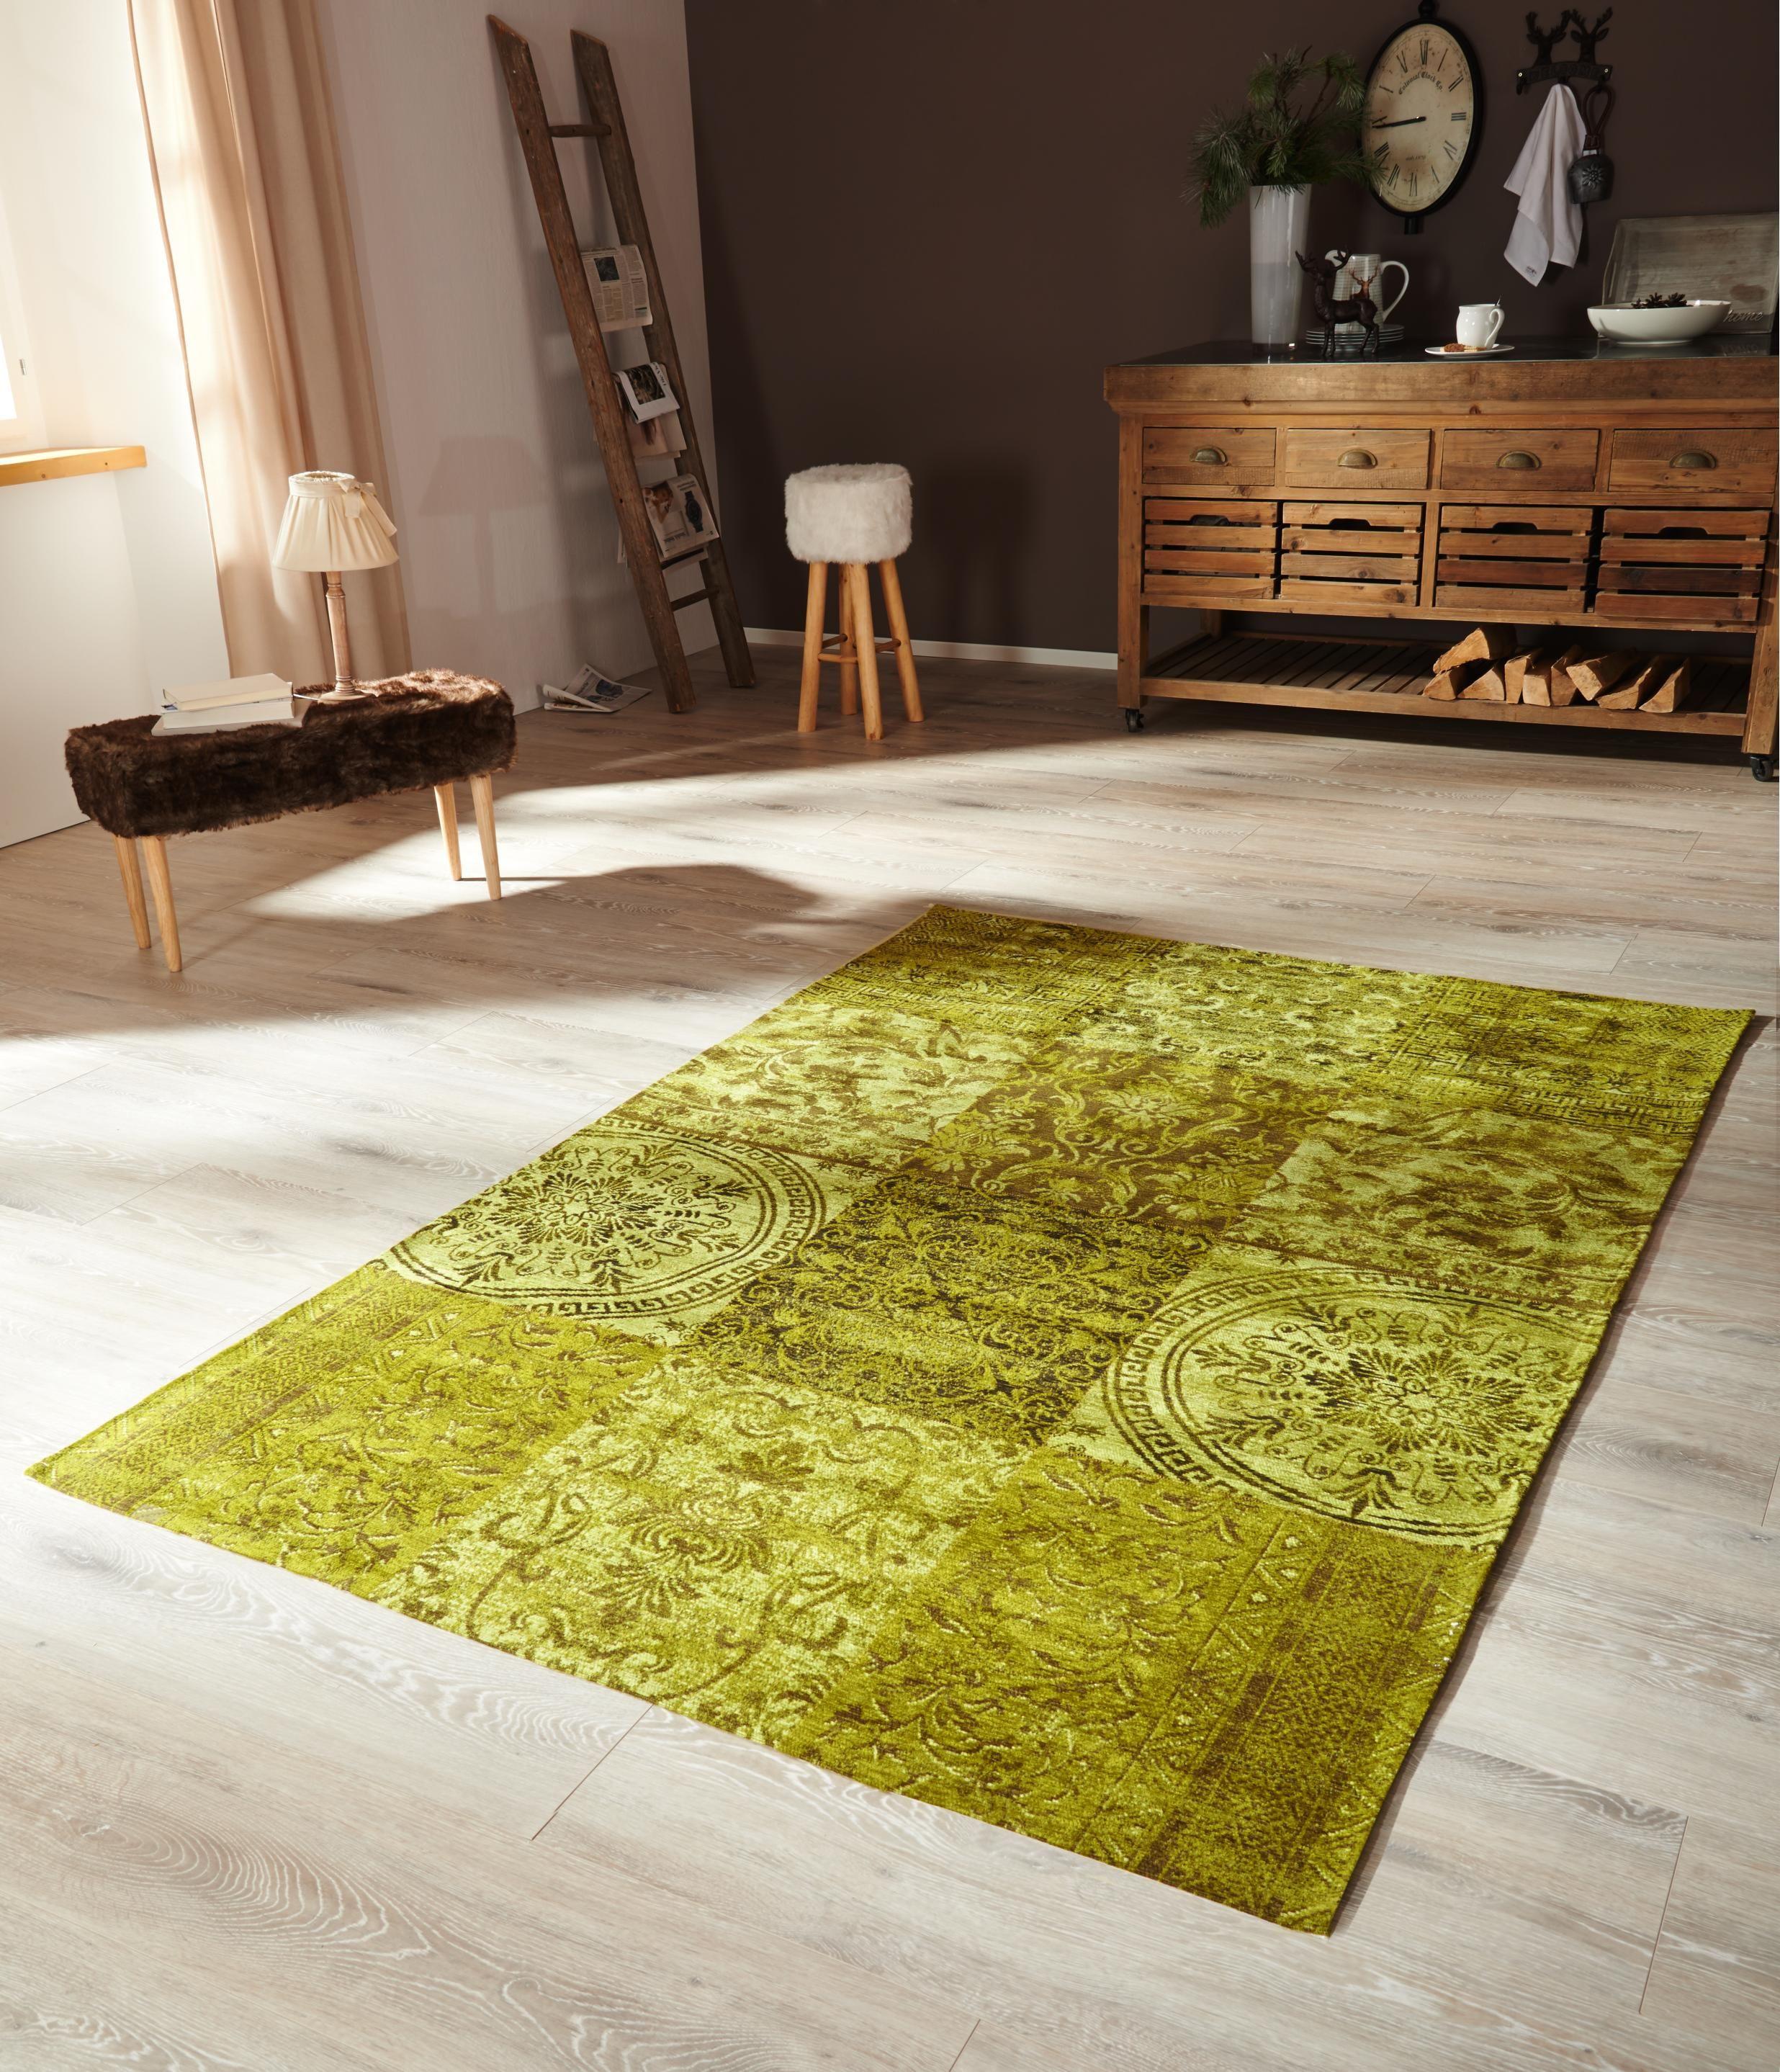 Grüner teppich günstig  Vintage-teppich | Pinterest | Grüner teppich, Teppiche und Parkett ...